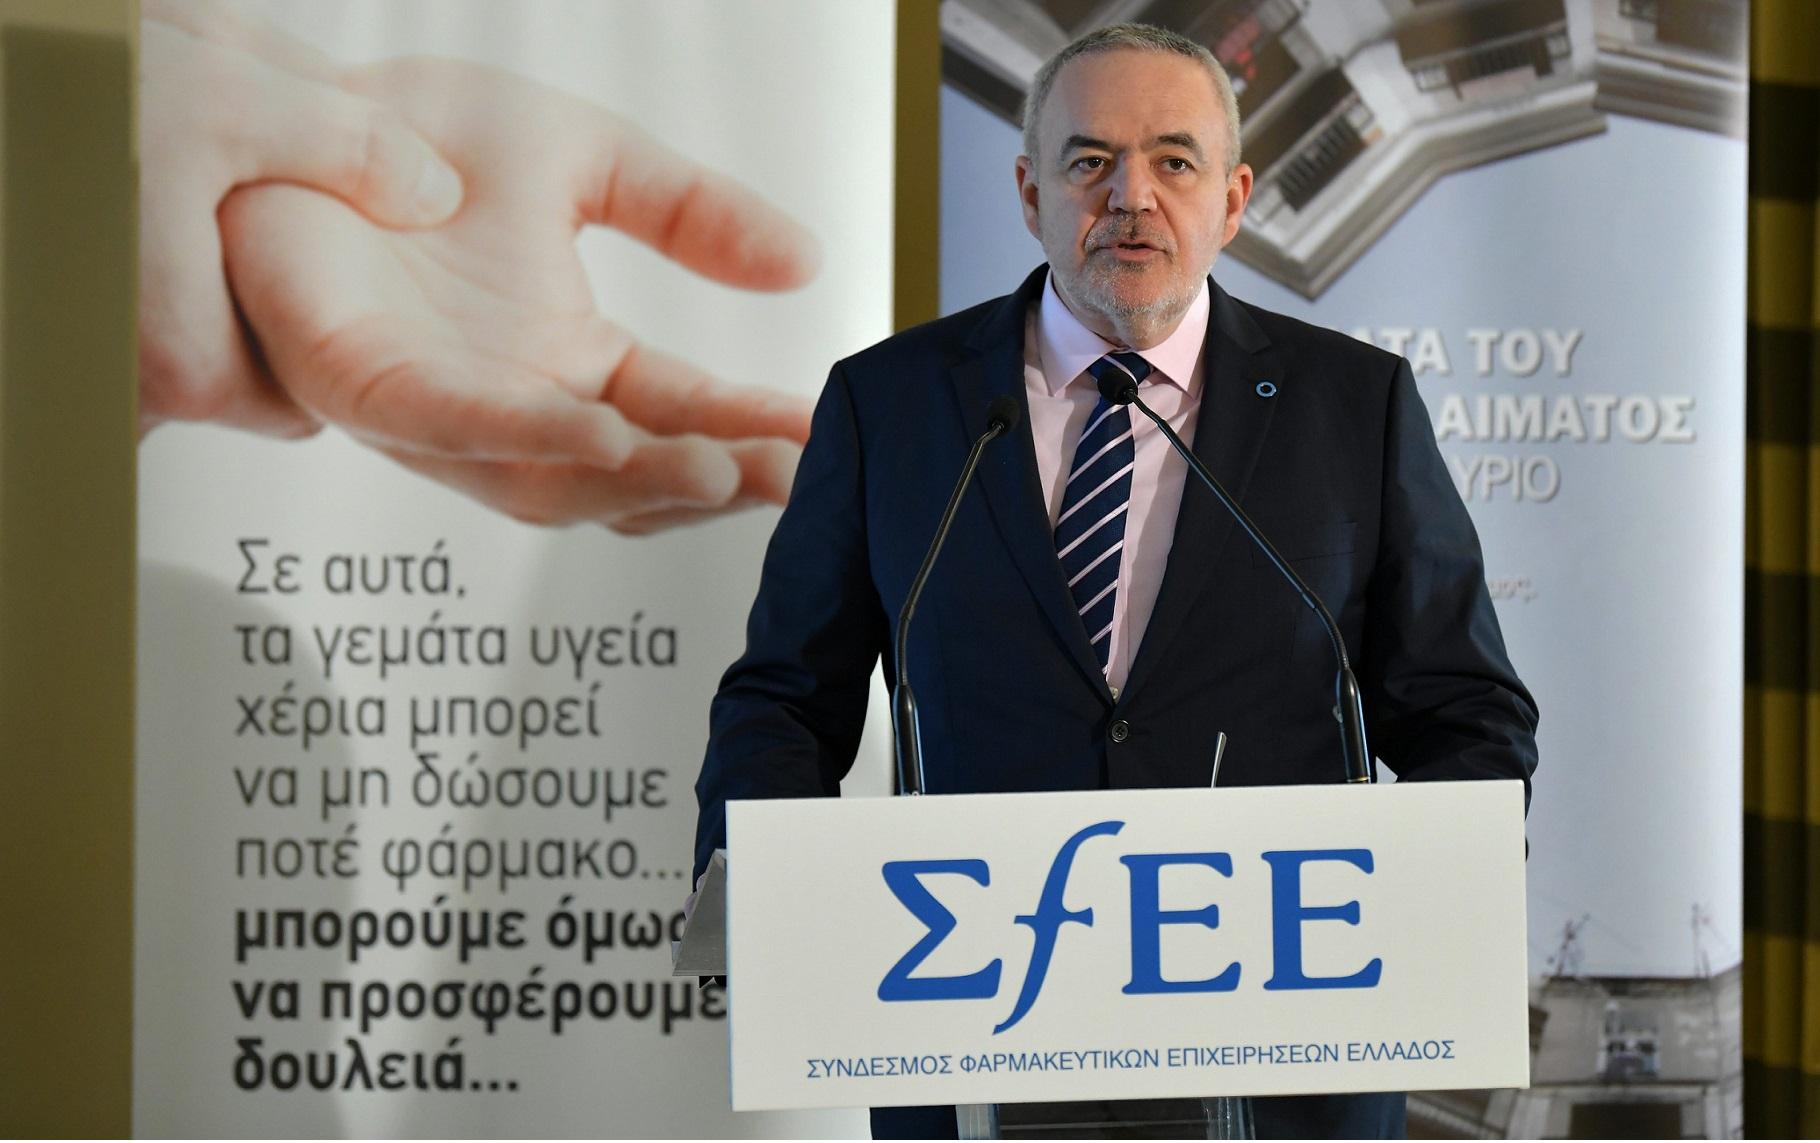 ΣΦΕΕ: Ο Ολύμπιος Παπαδημητρίου επανεξελέγη πρόεδρος